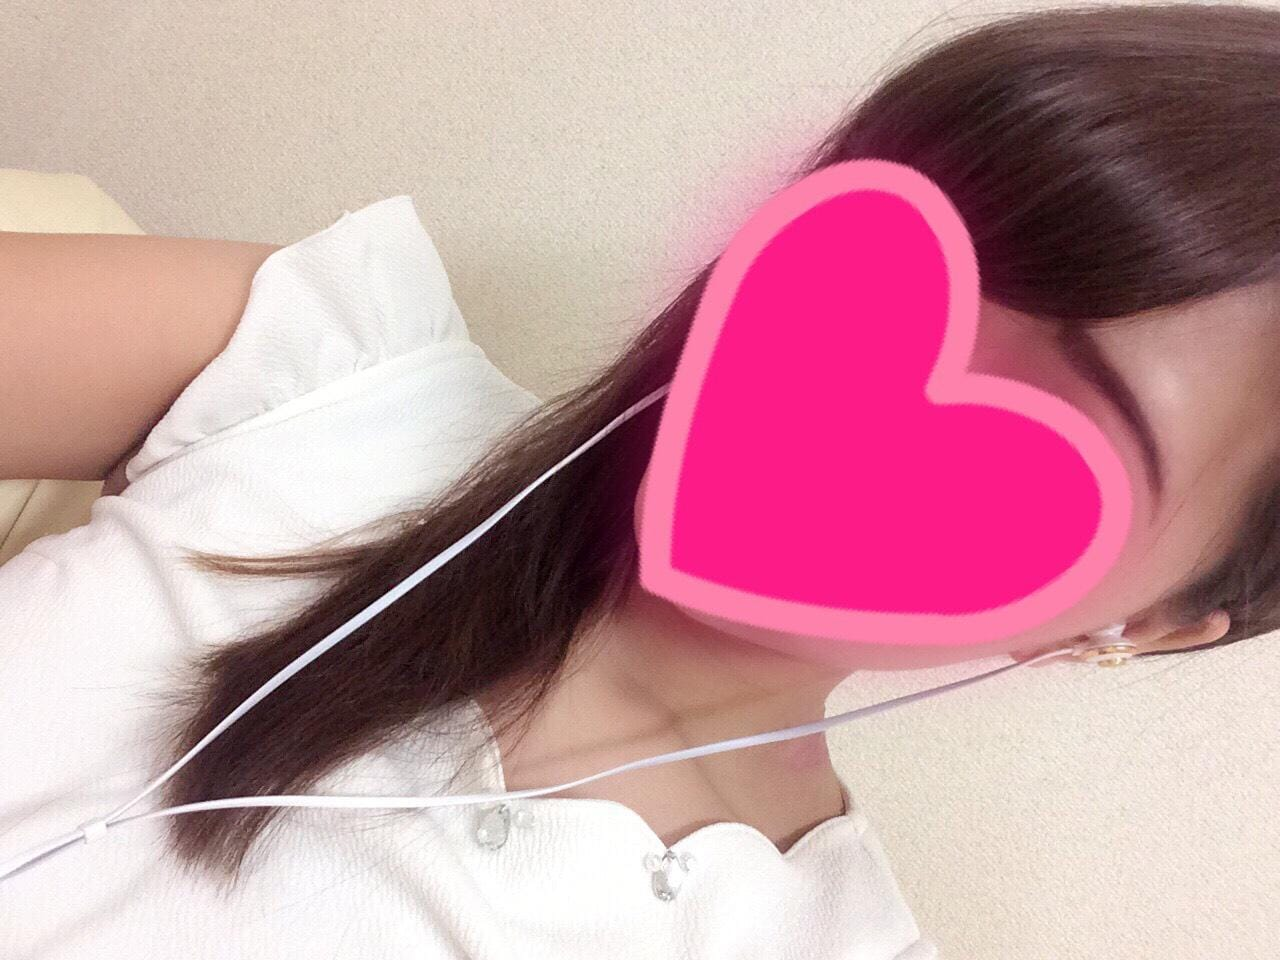 「出勤しました♪」12/12(12/12) 12:02 | まりこの写メ・風俗動画